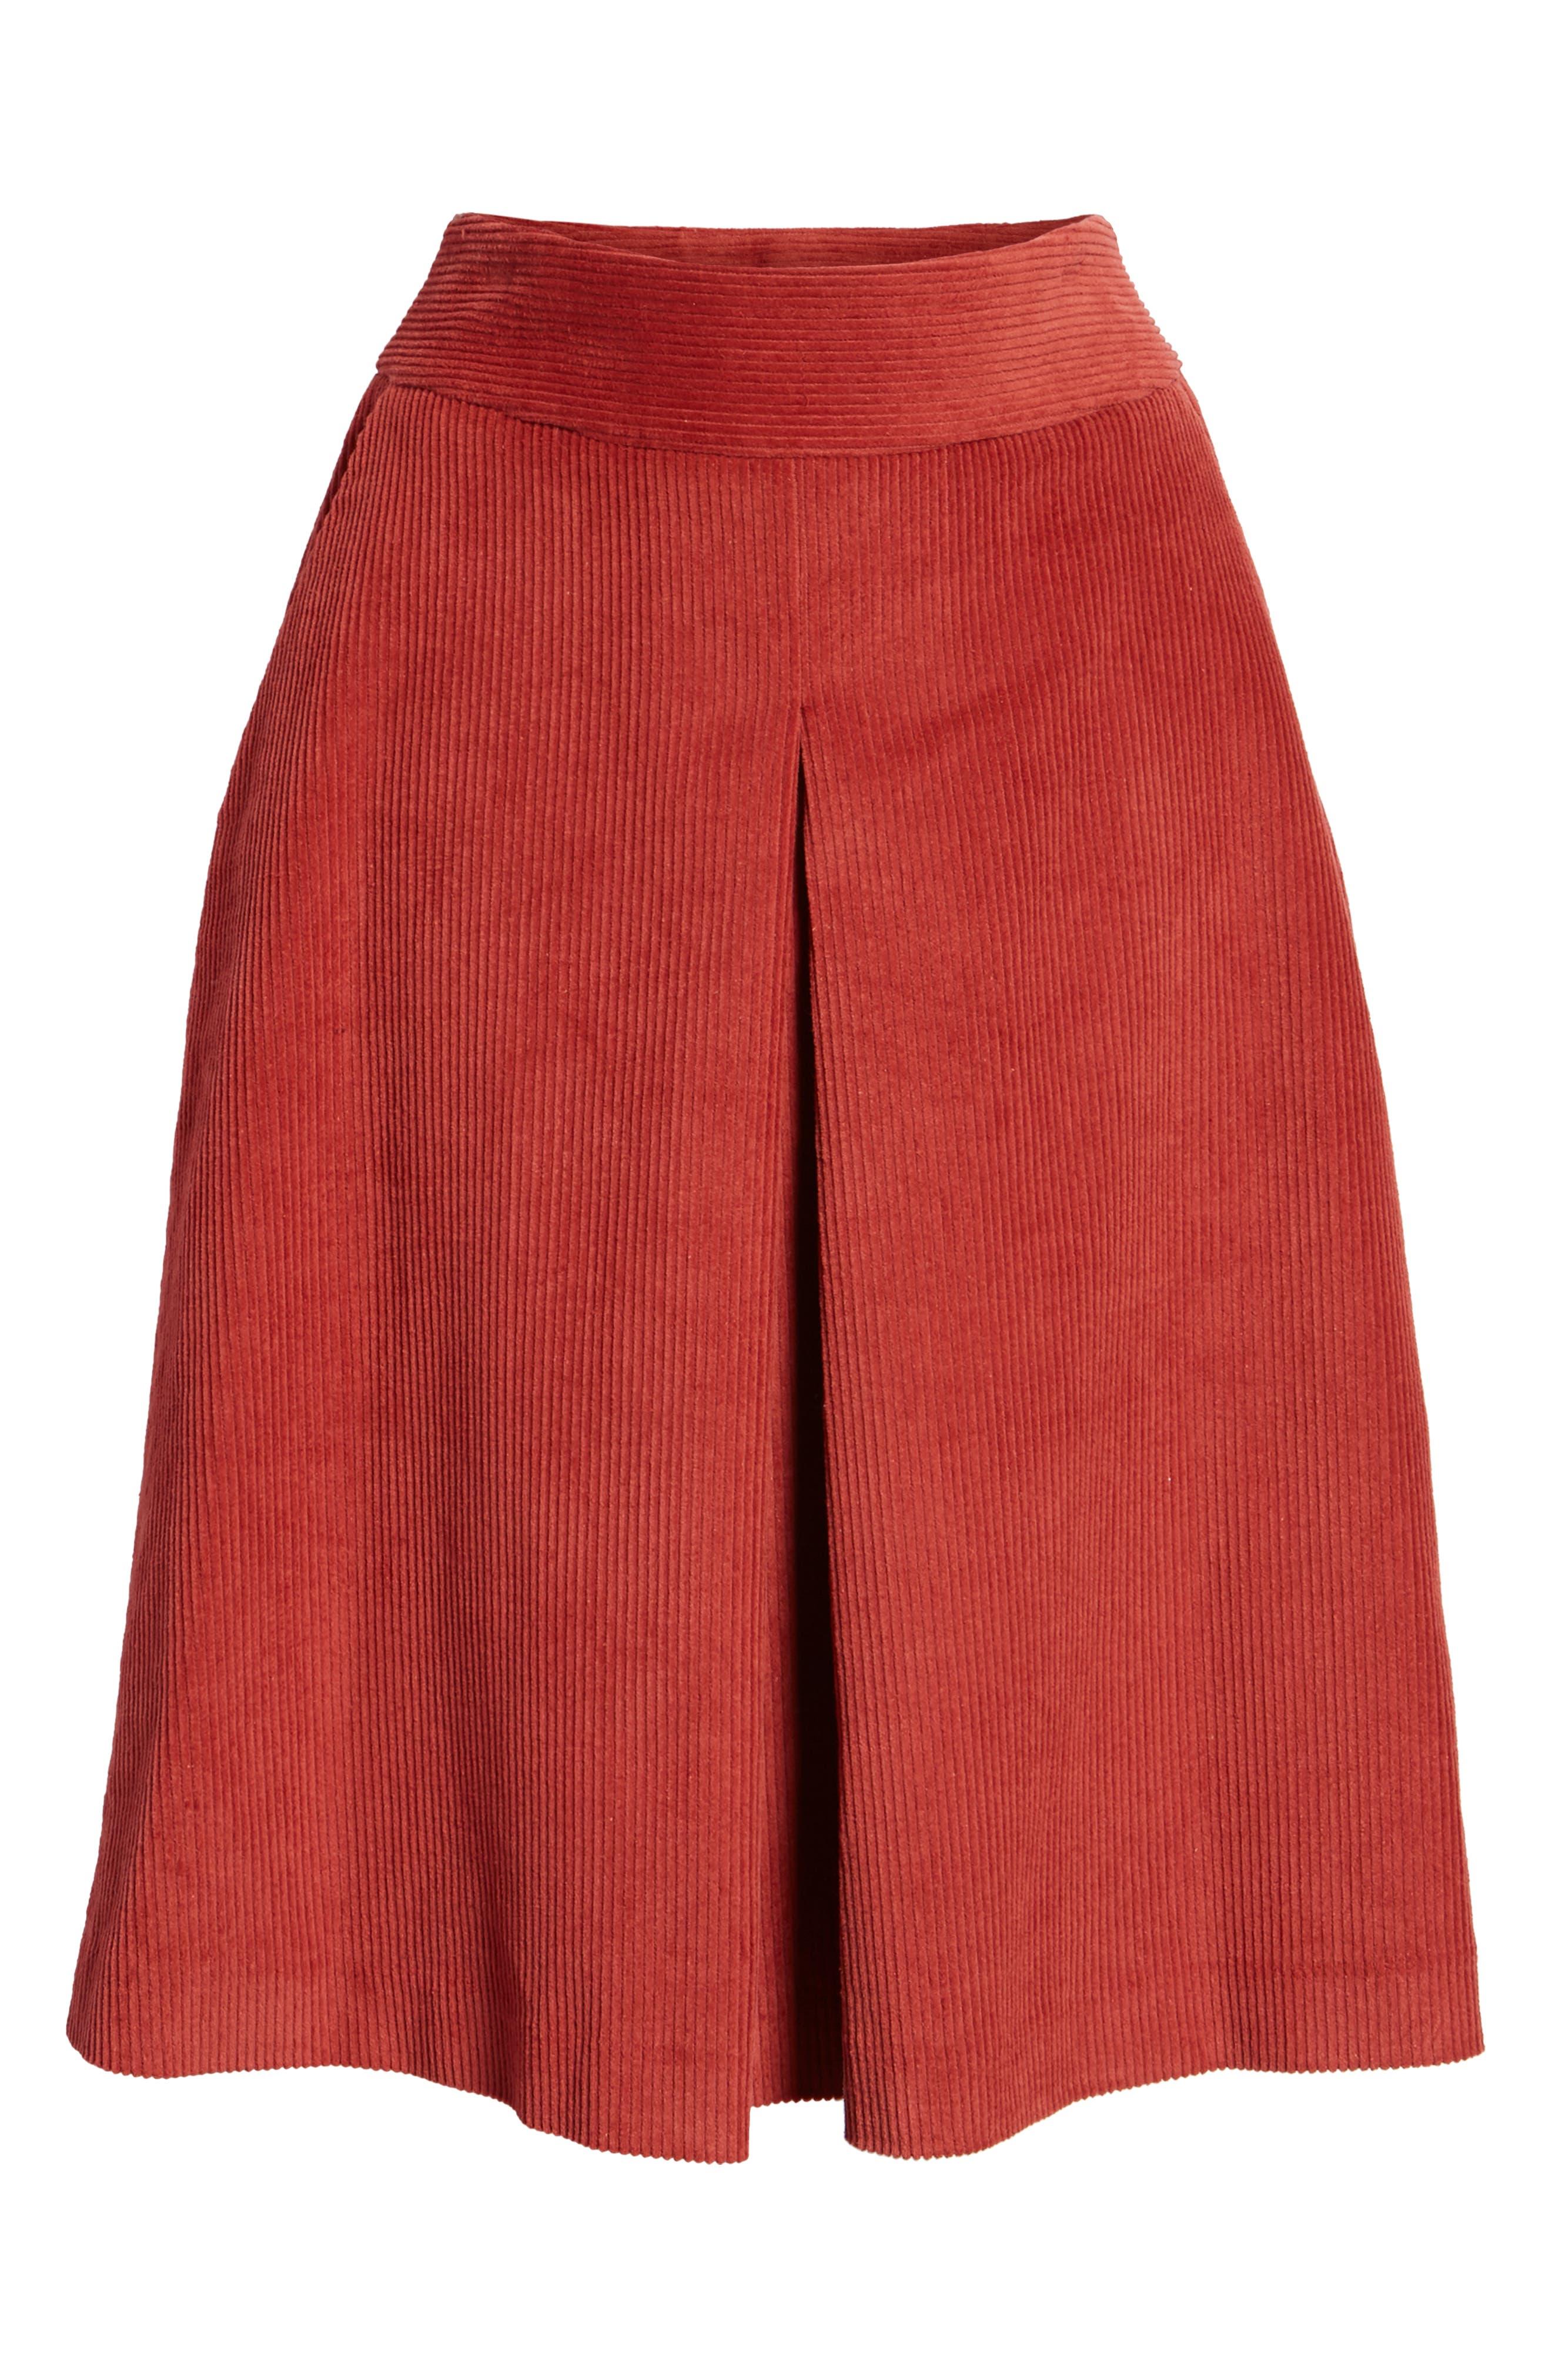 Corduroy Knee Length Skirt,                             Alternate thumbnail 6, color,                             660